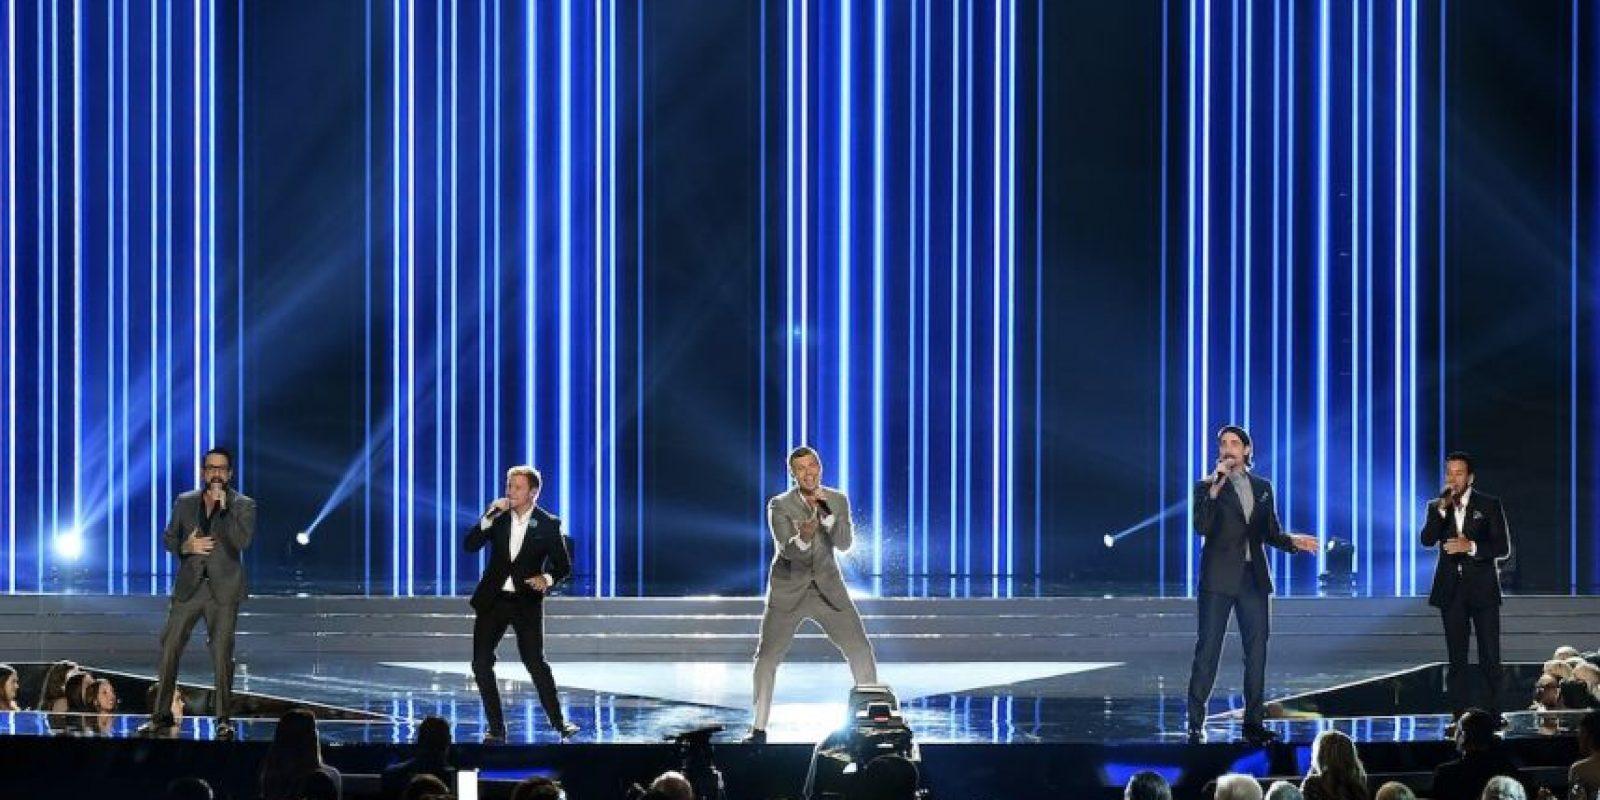 La famosa boyband volverá con nuevas canciones. Foto:Getty Images. Imagen Por: